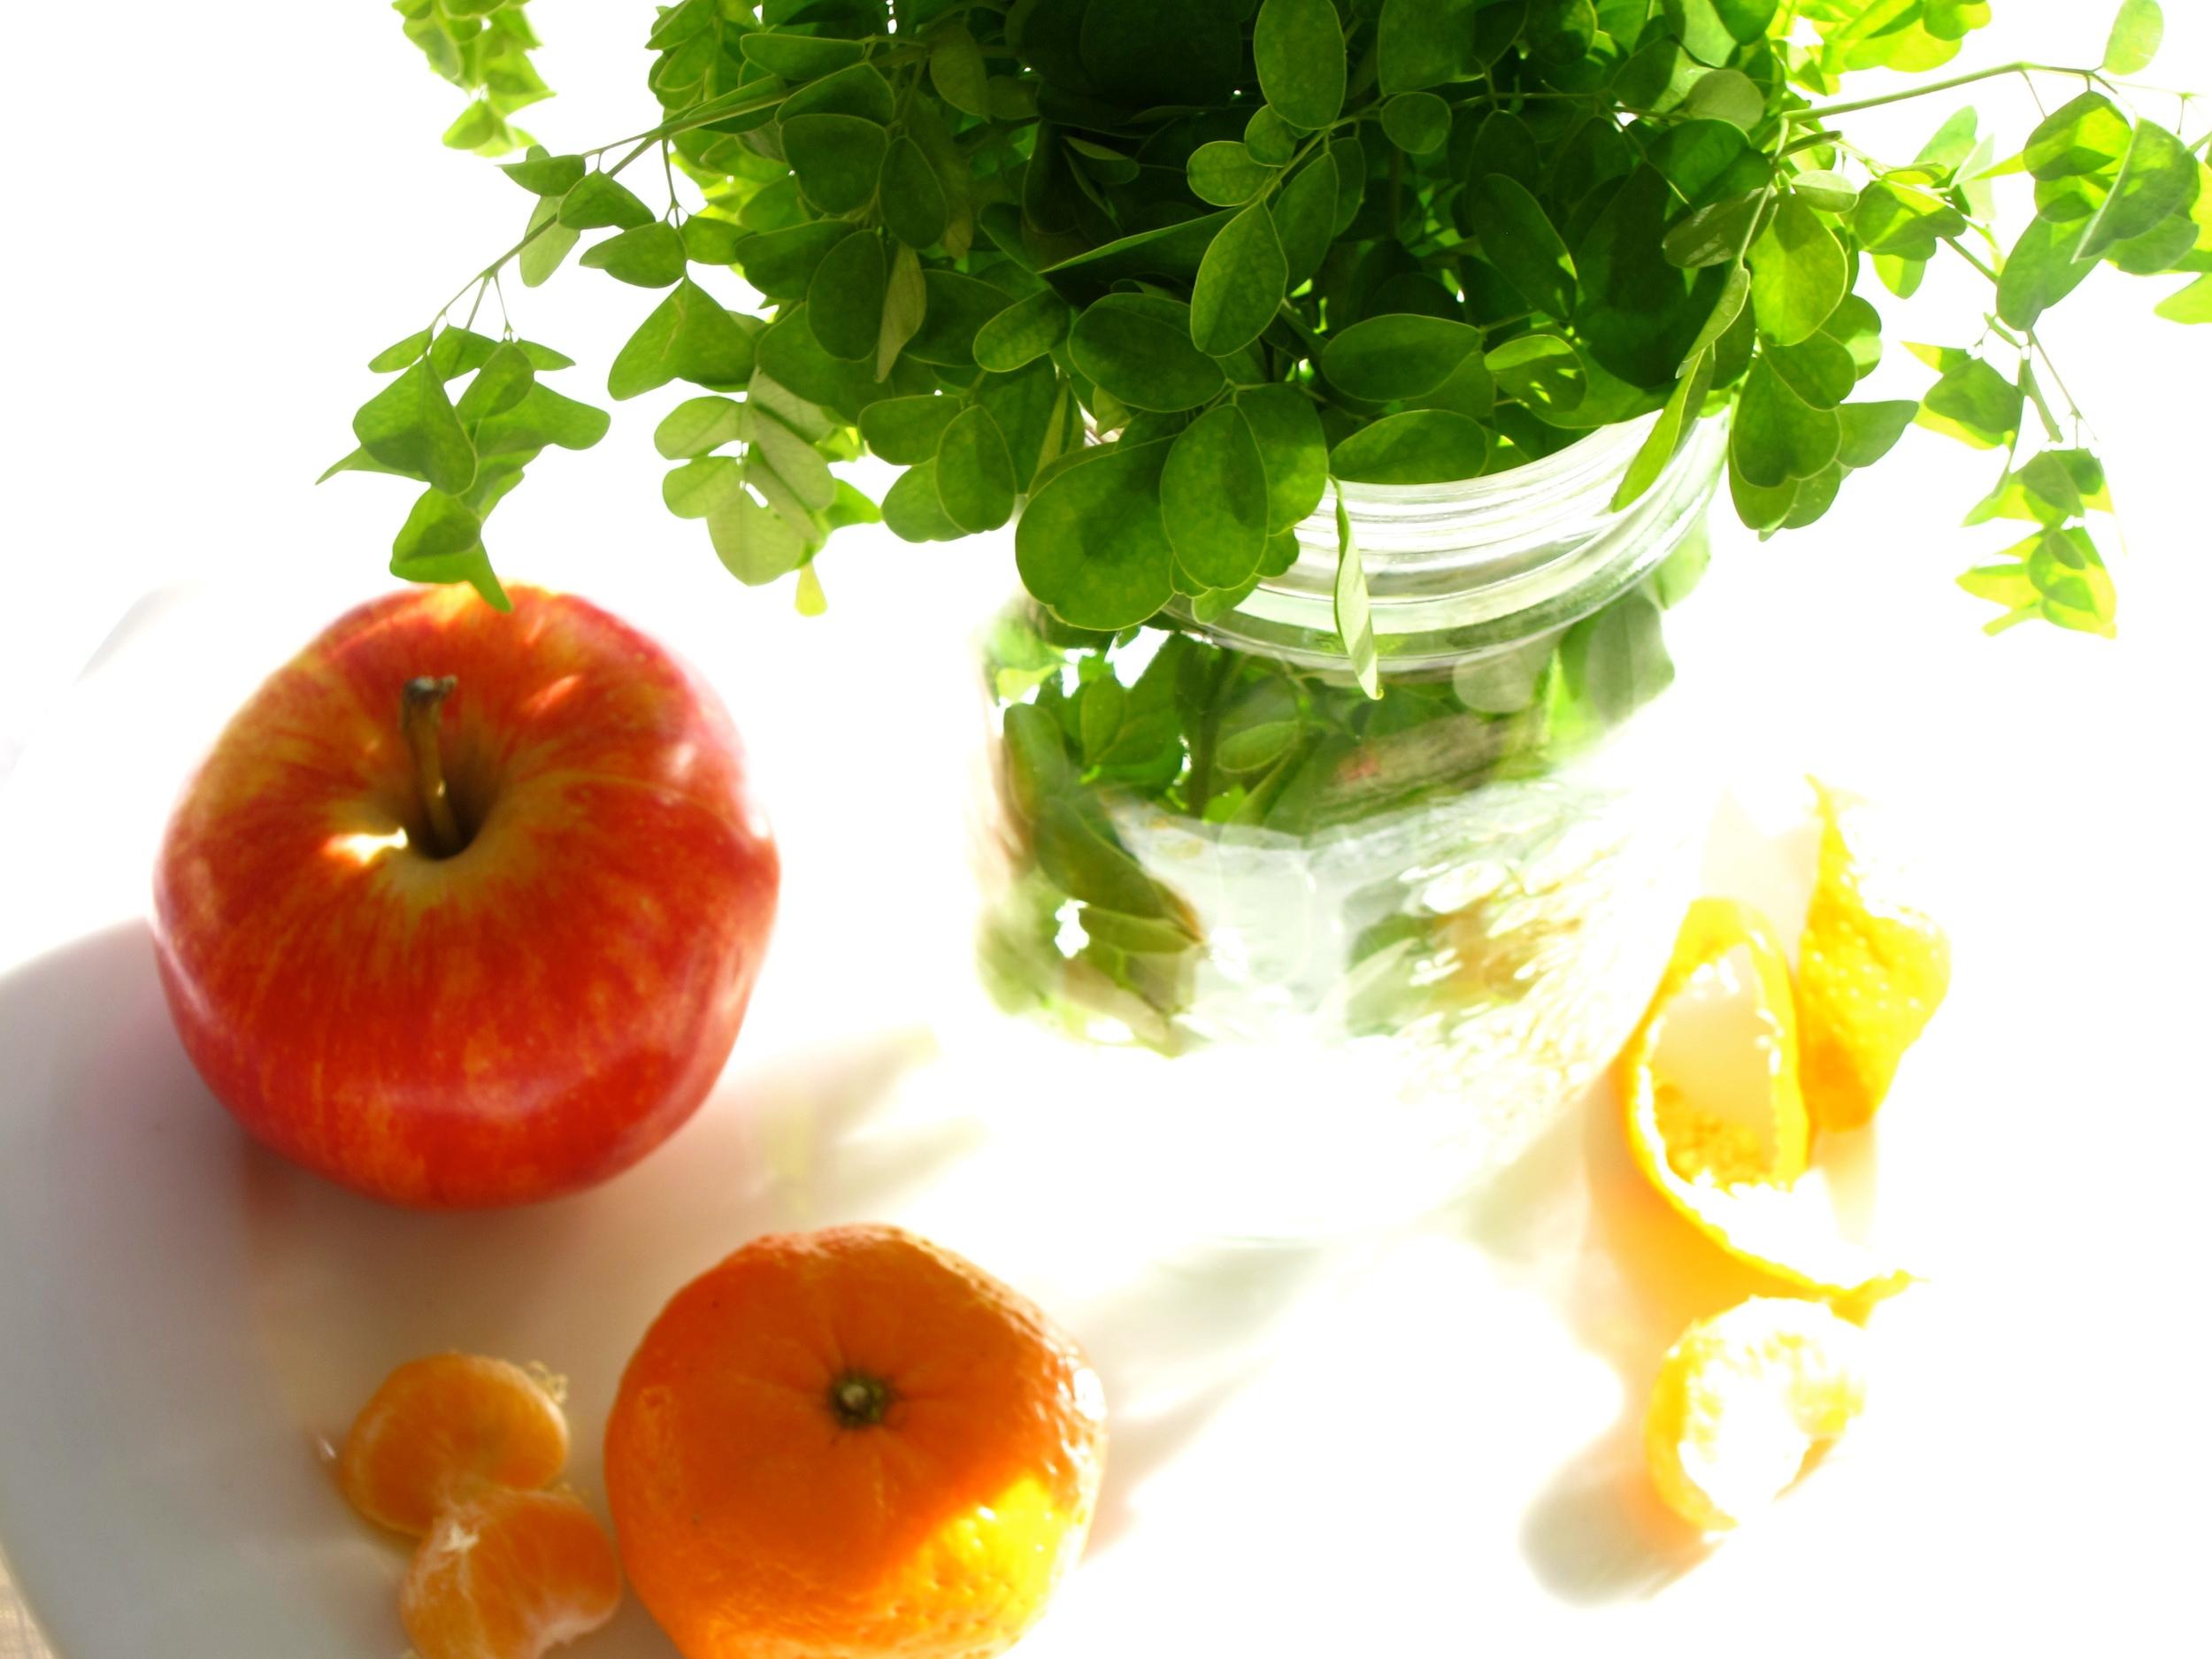 moringan apples orange